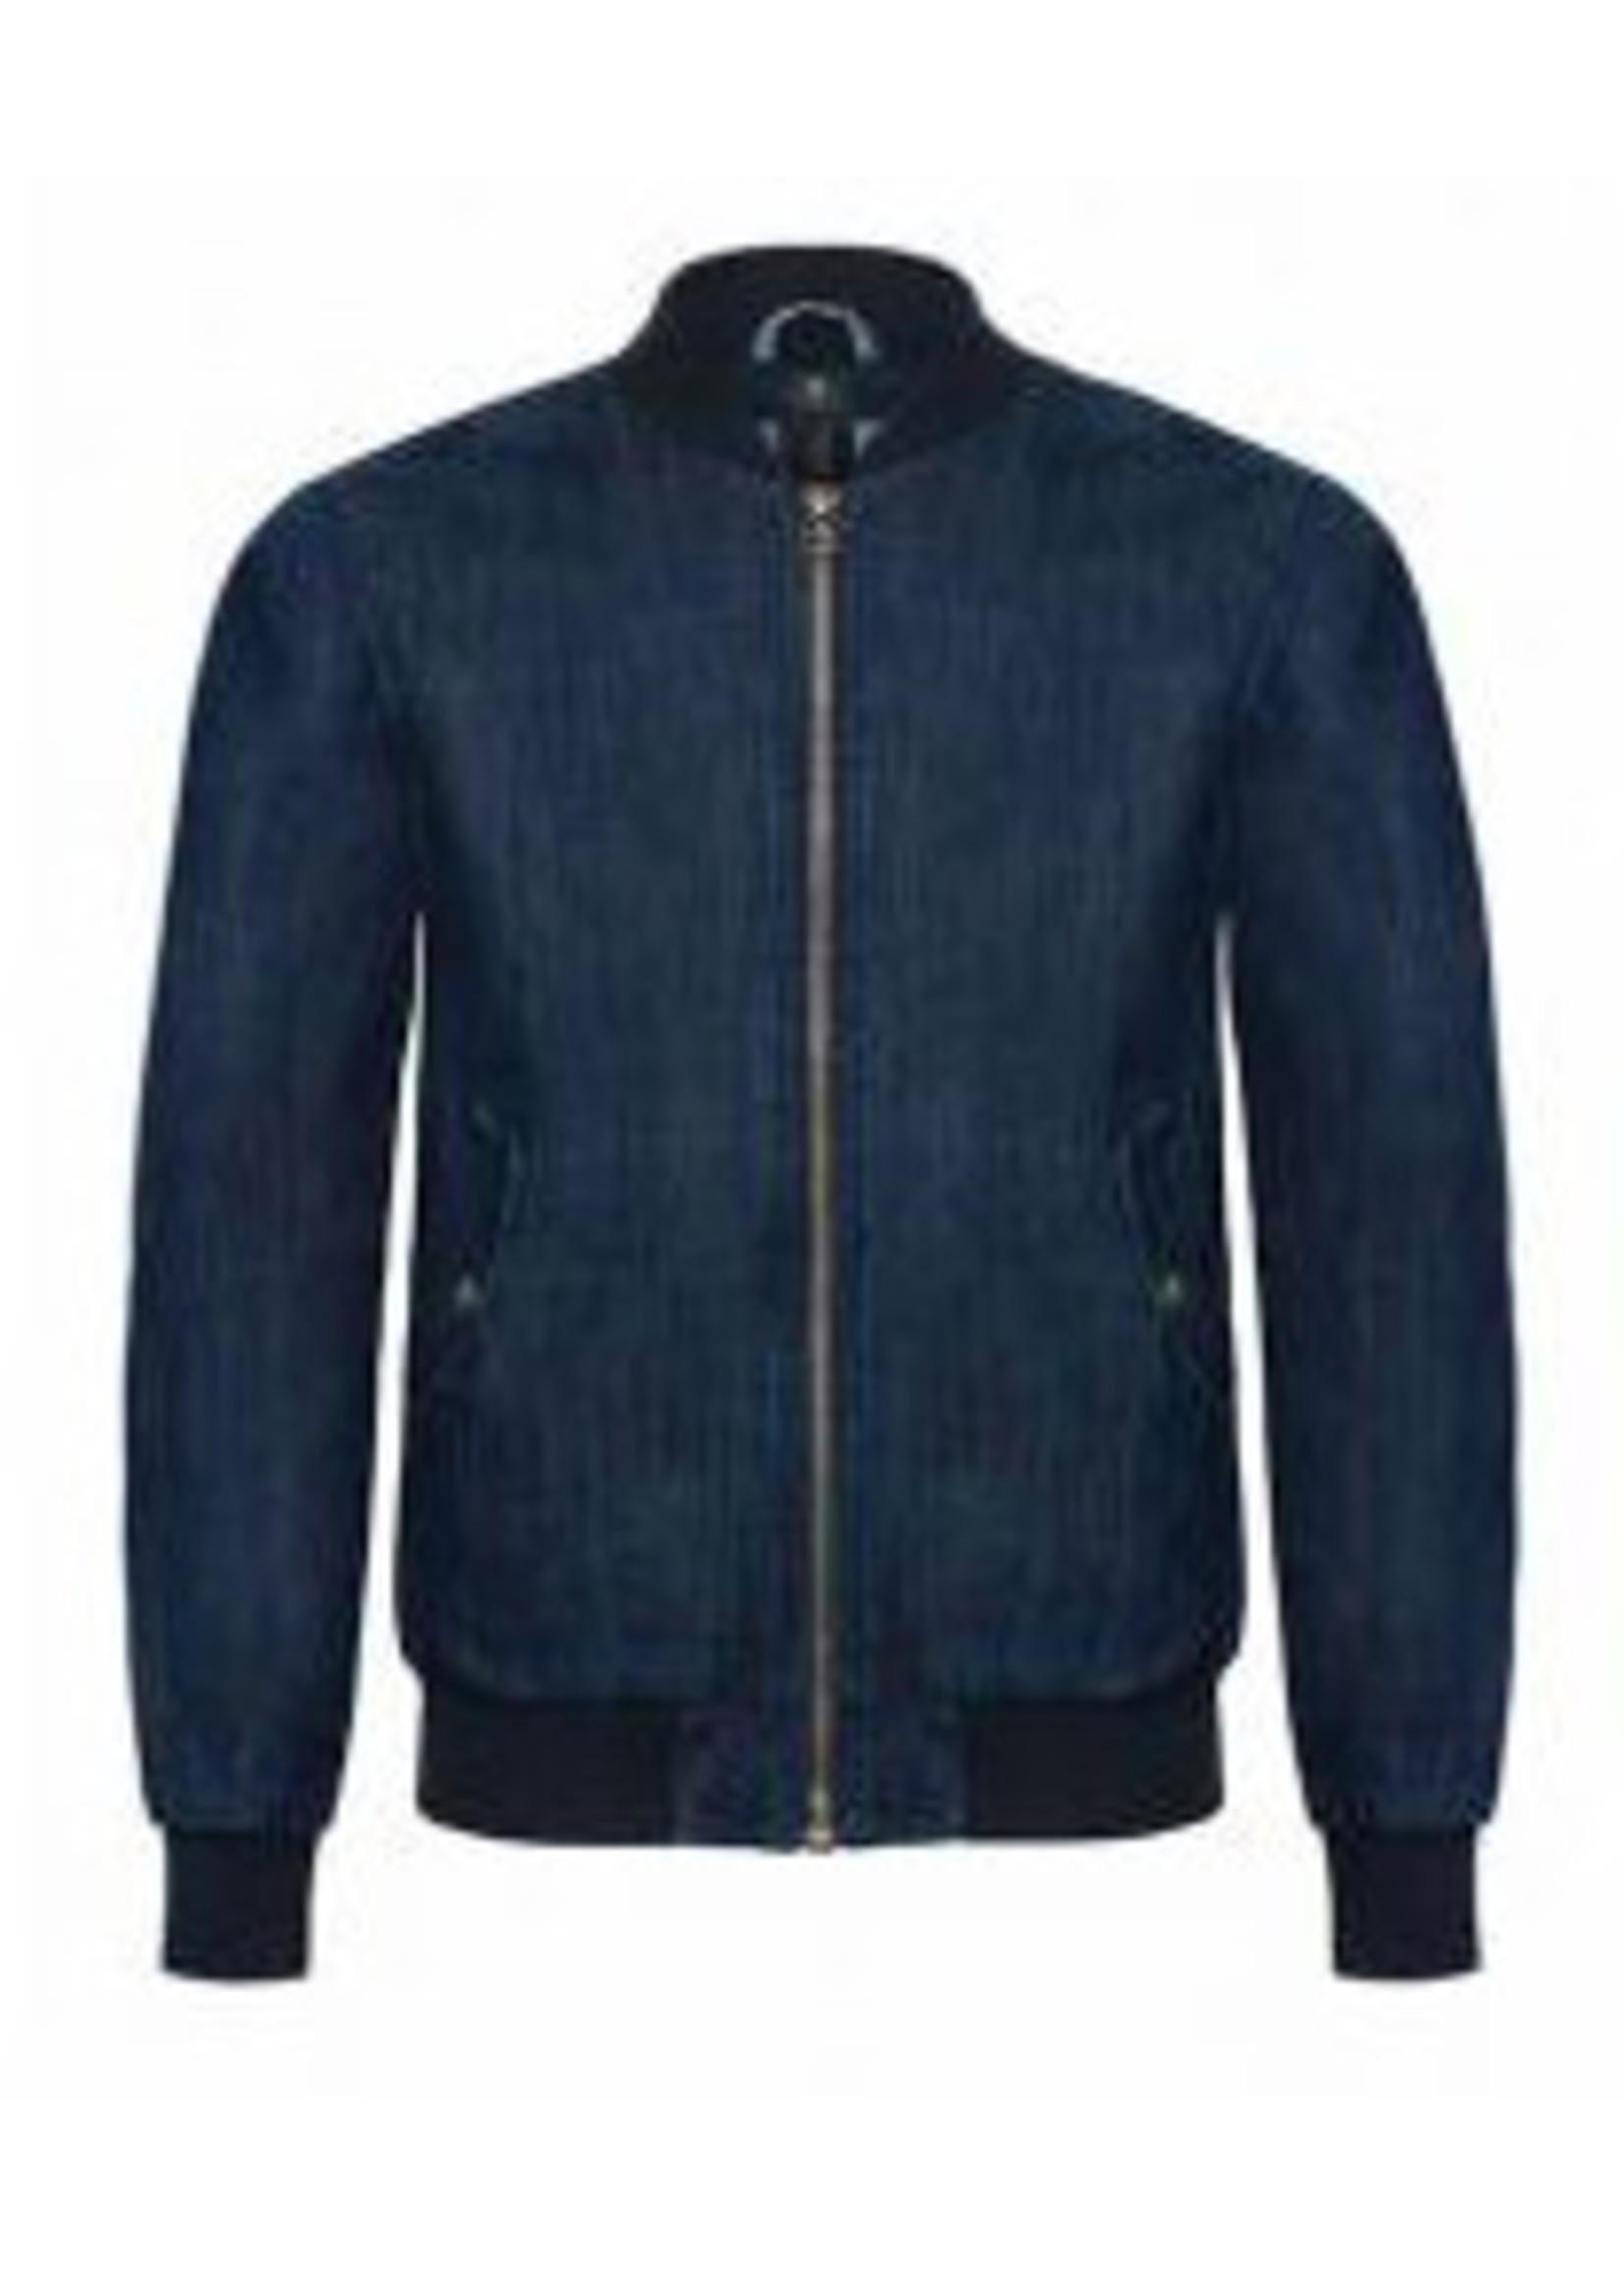 Denim heren jacket met bedrukking naar wens